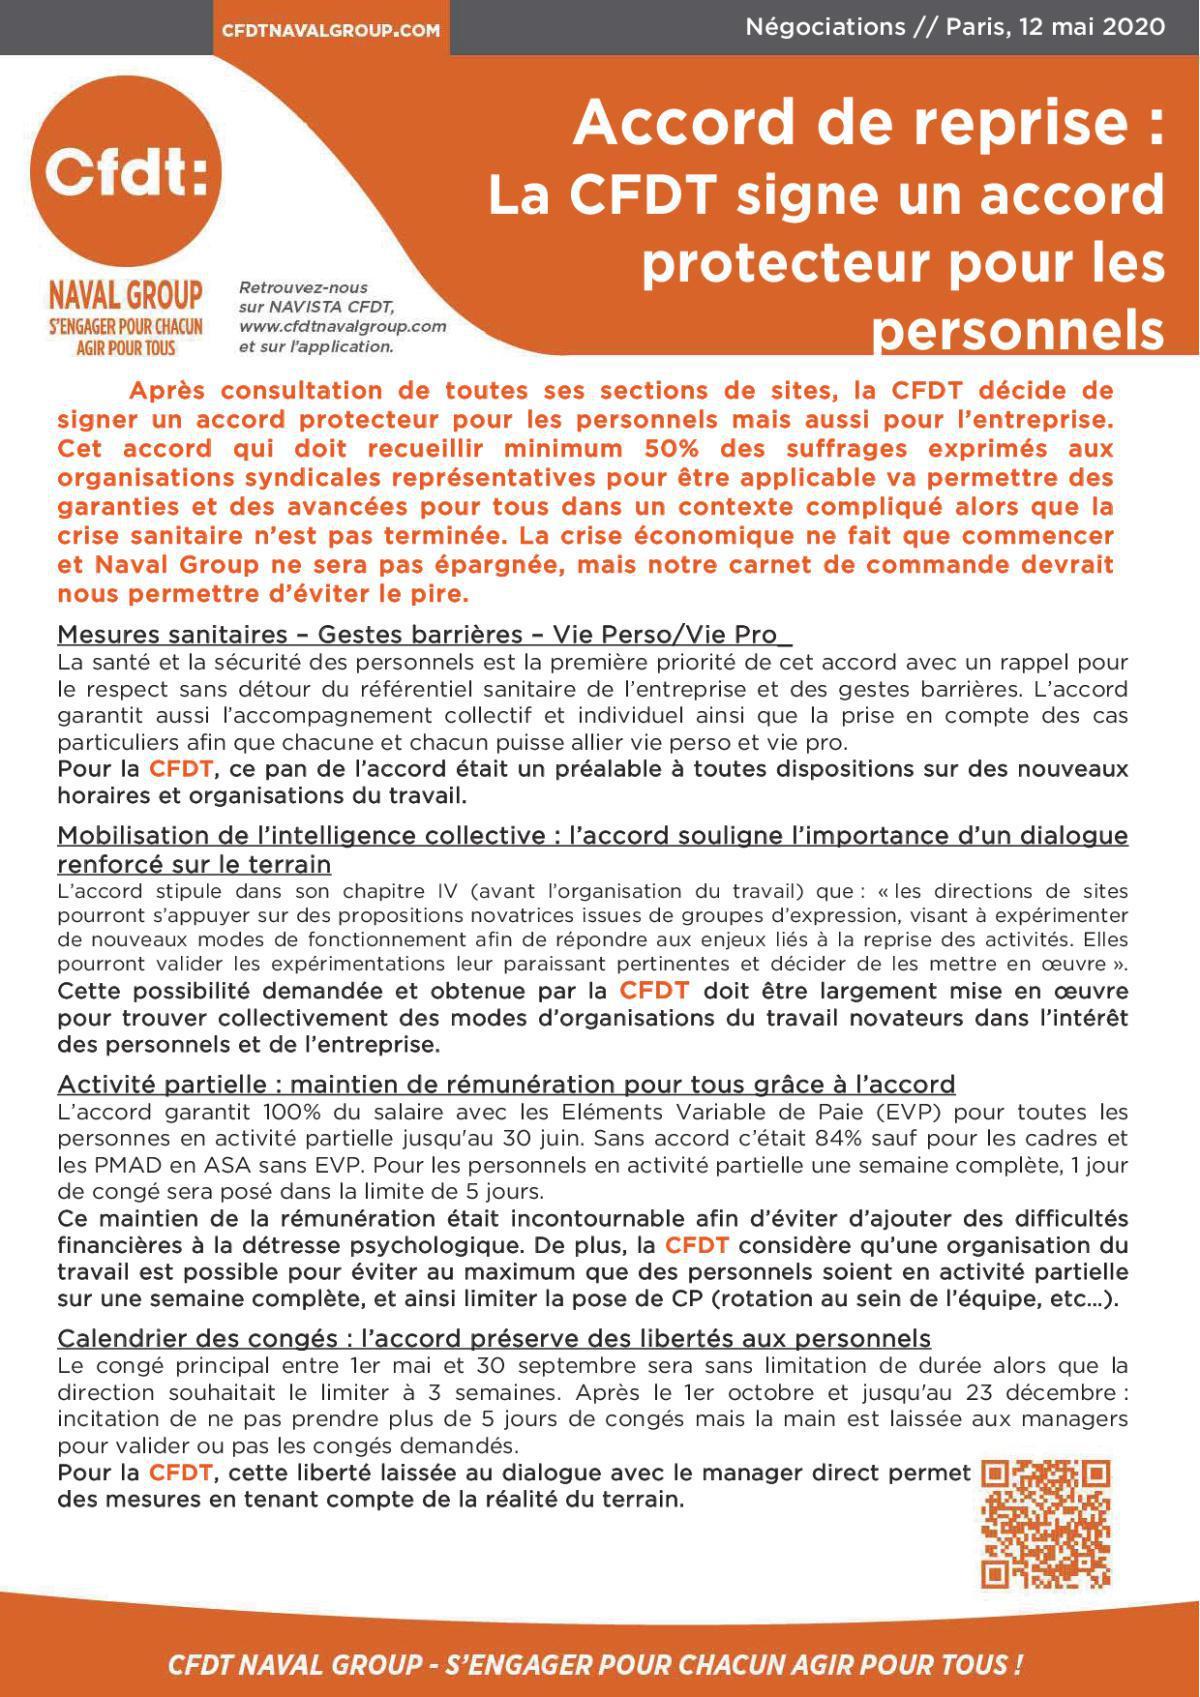 Accord de reprise : La CFDT signe un accord protecteur pour les personnels